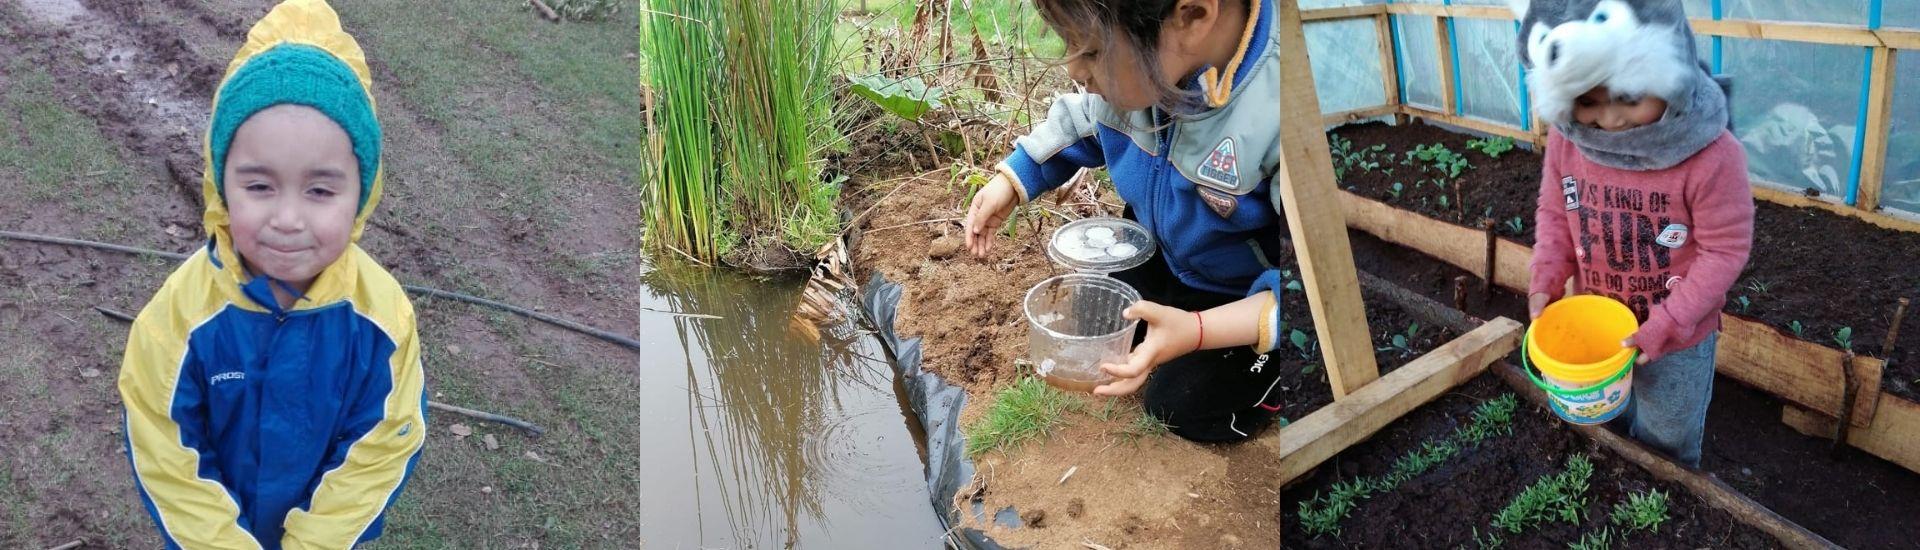 Foto de 3 niños en distinta actividades cotidianas en la región de los ríos. Desde alimentar peces, trabajar en una huerta y recoger los huevos de las gallinas. Fotos cortesía de Junji.